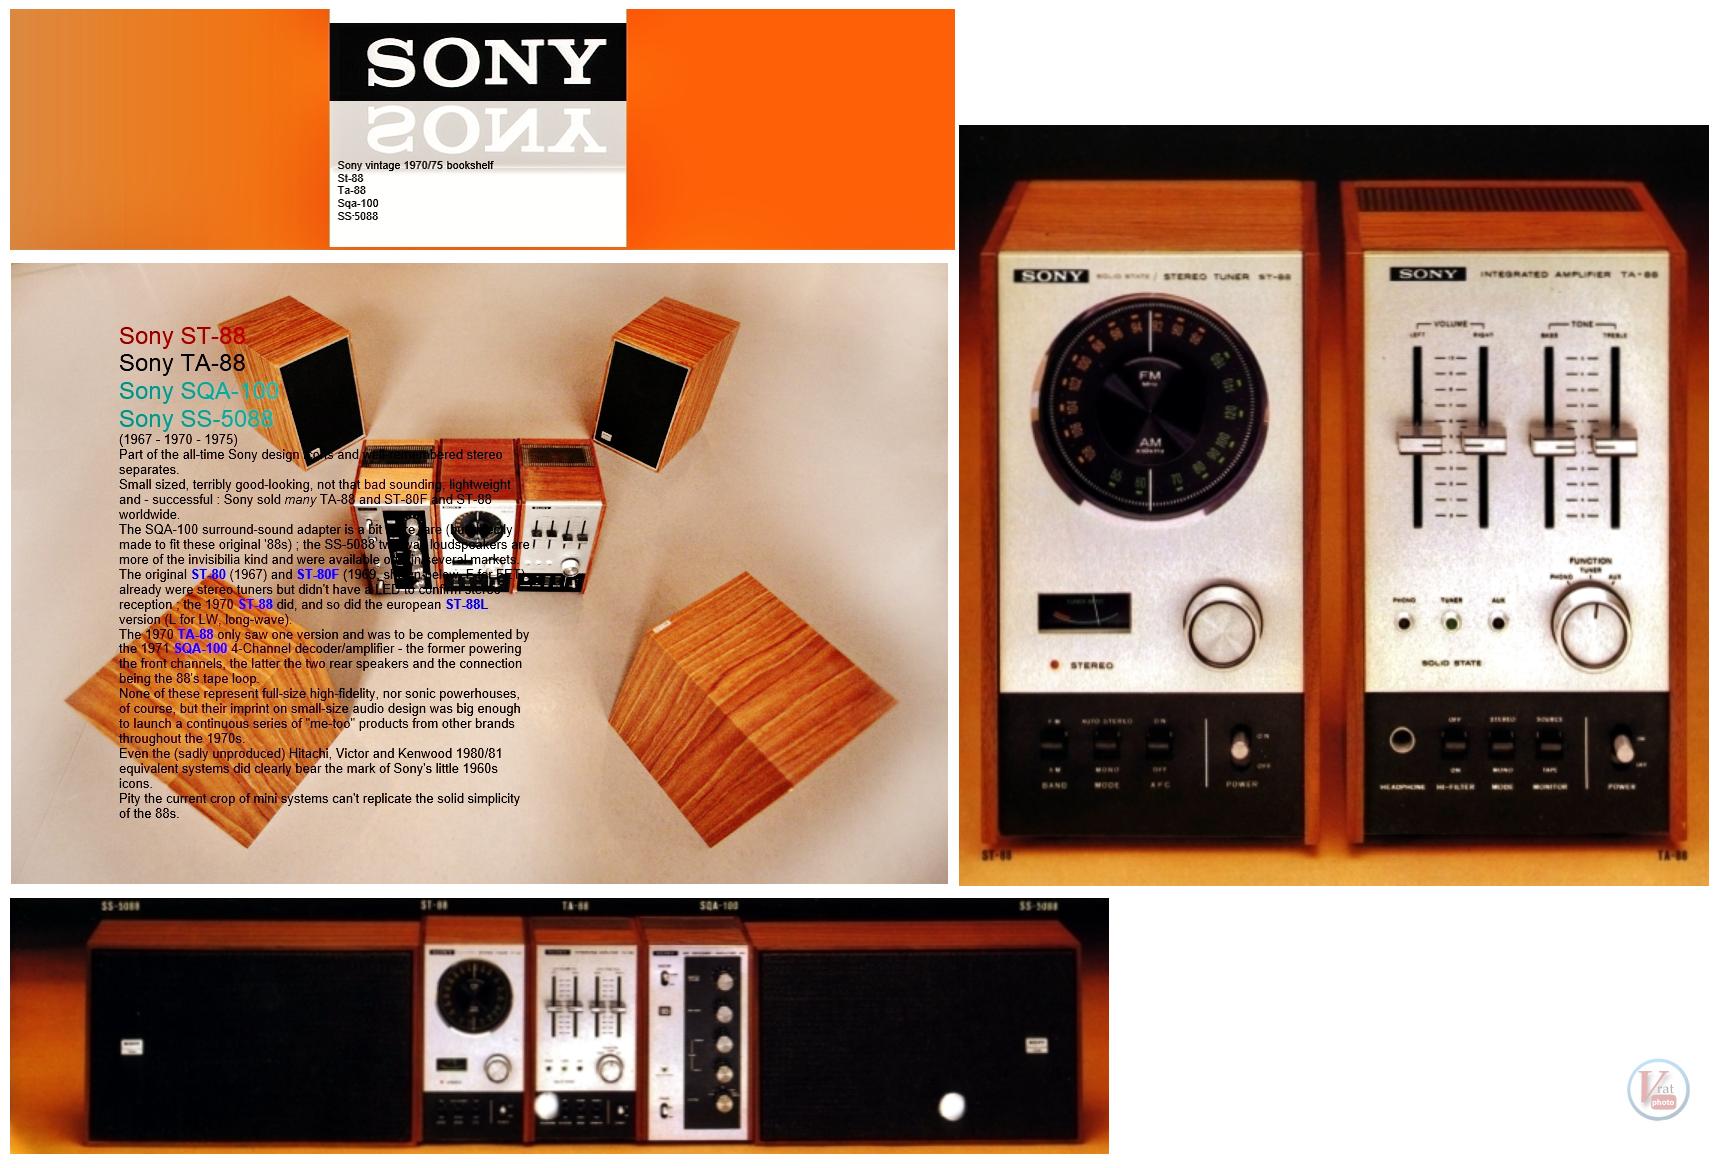 Sony ST-88 TA-88 4